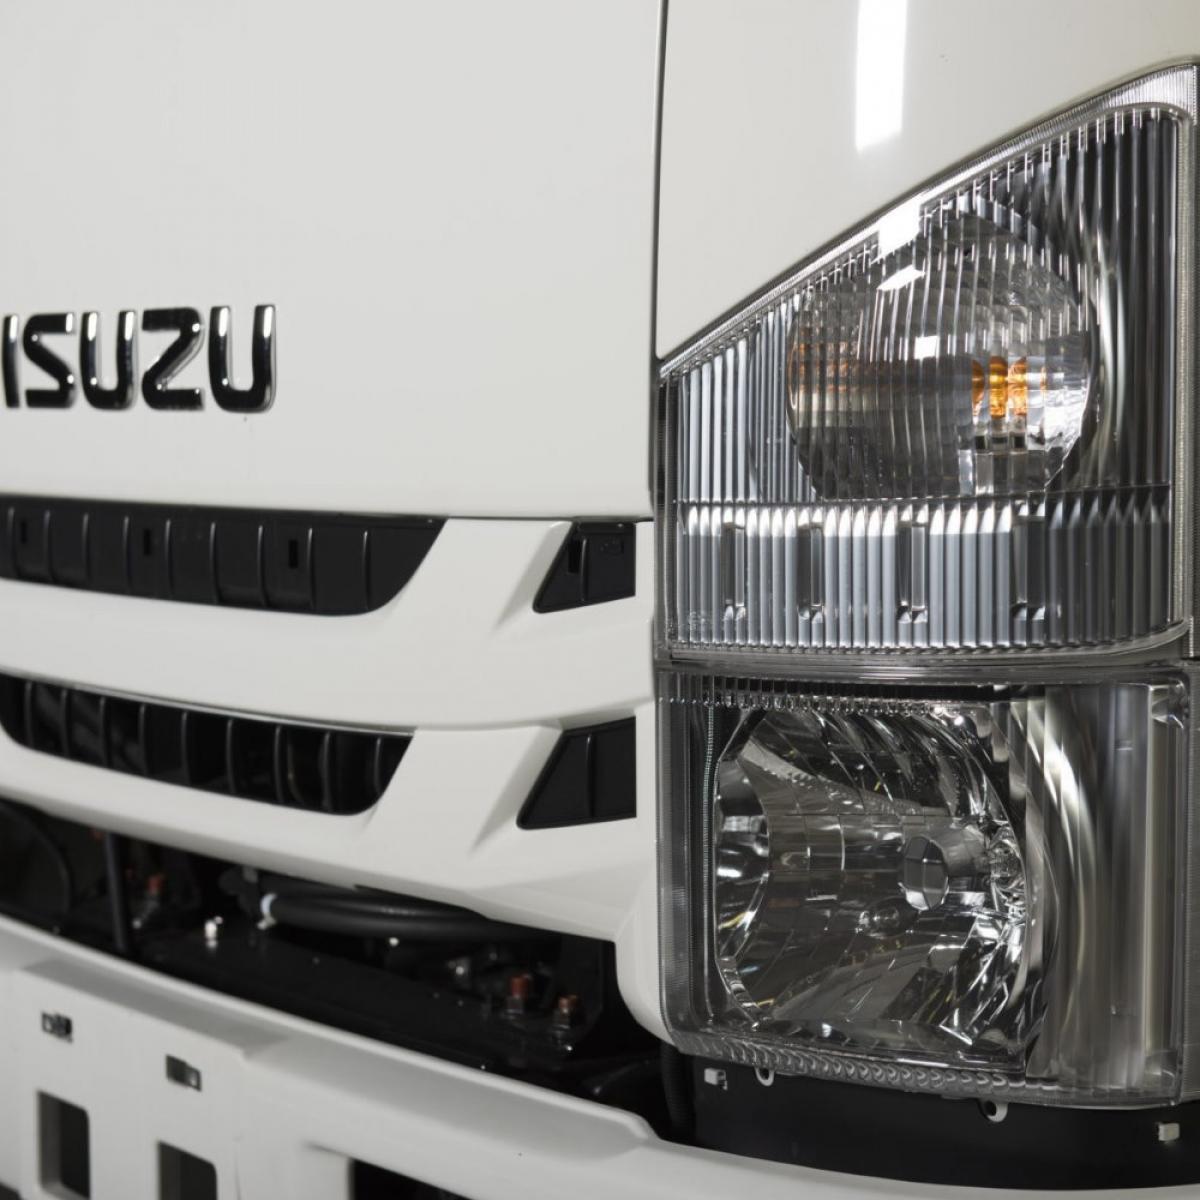 Isuzu M21 Active